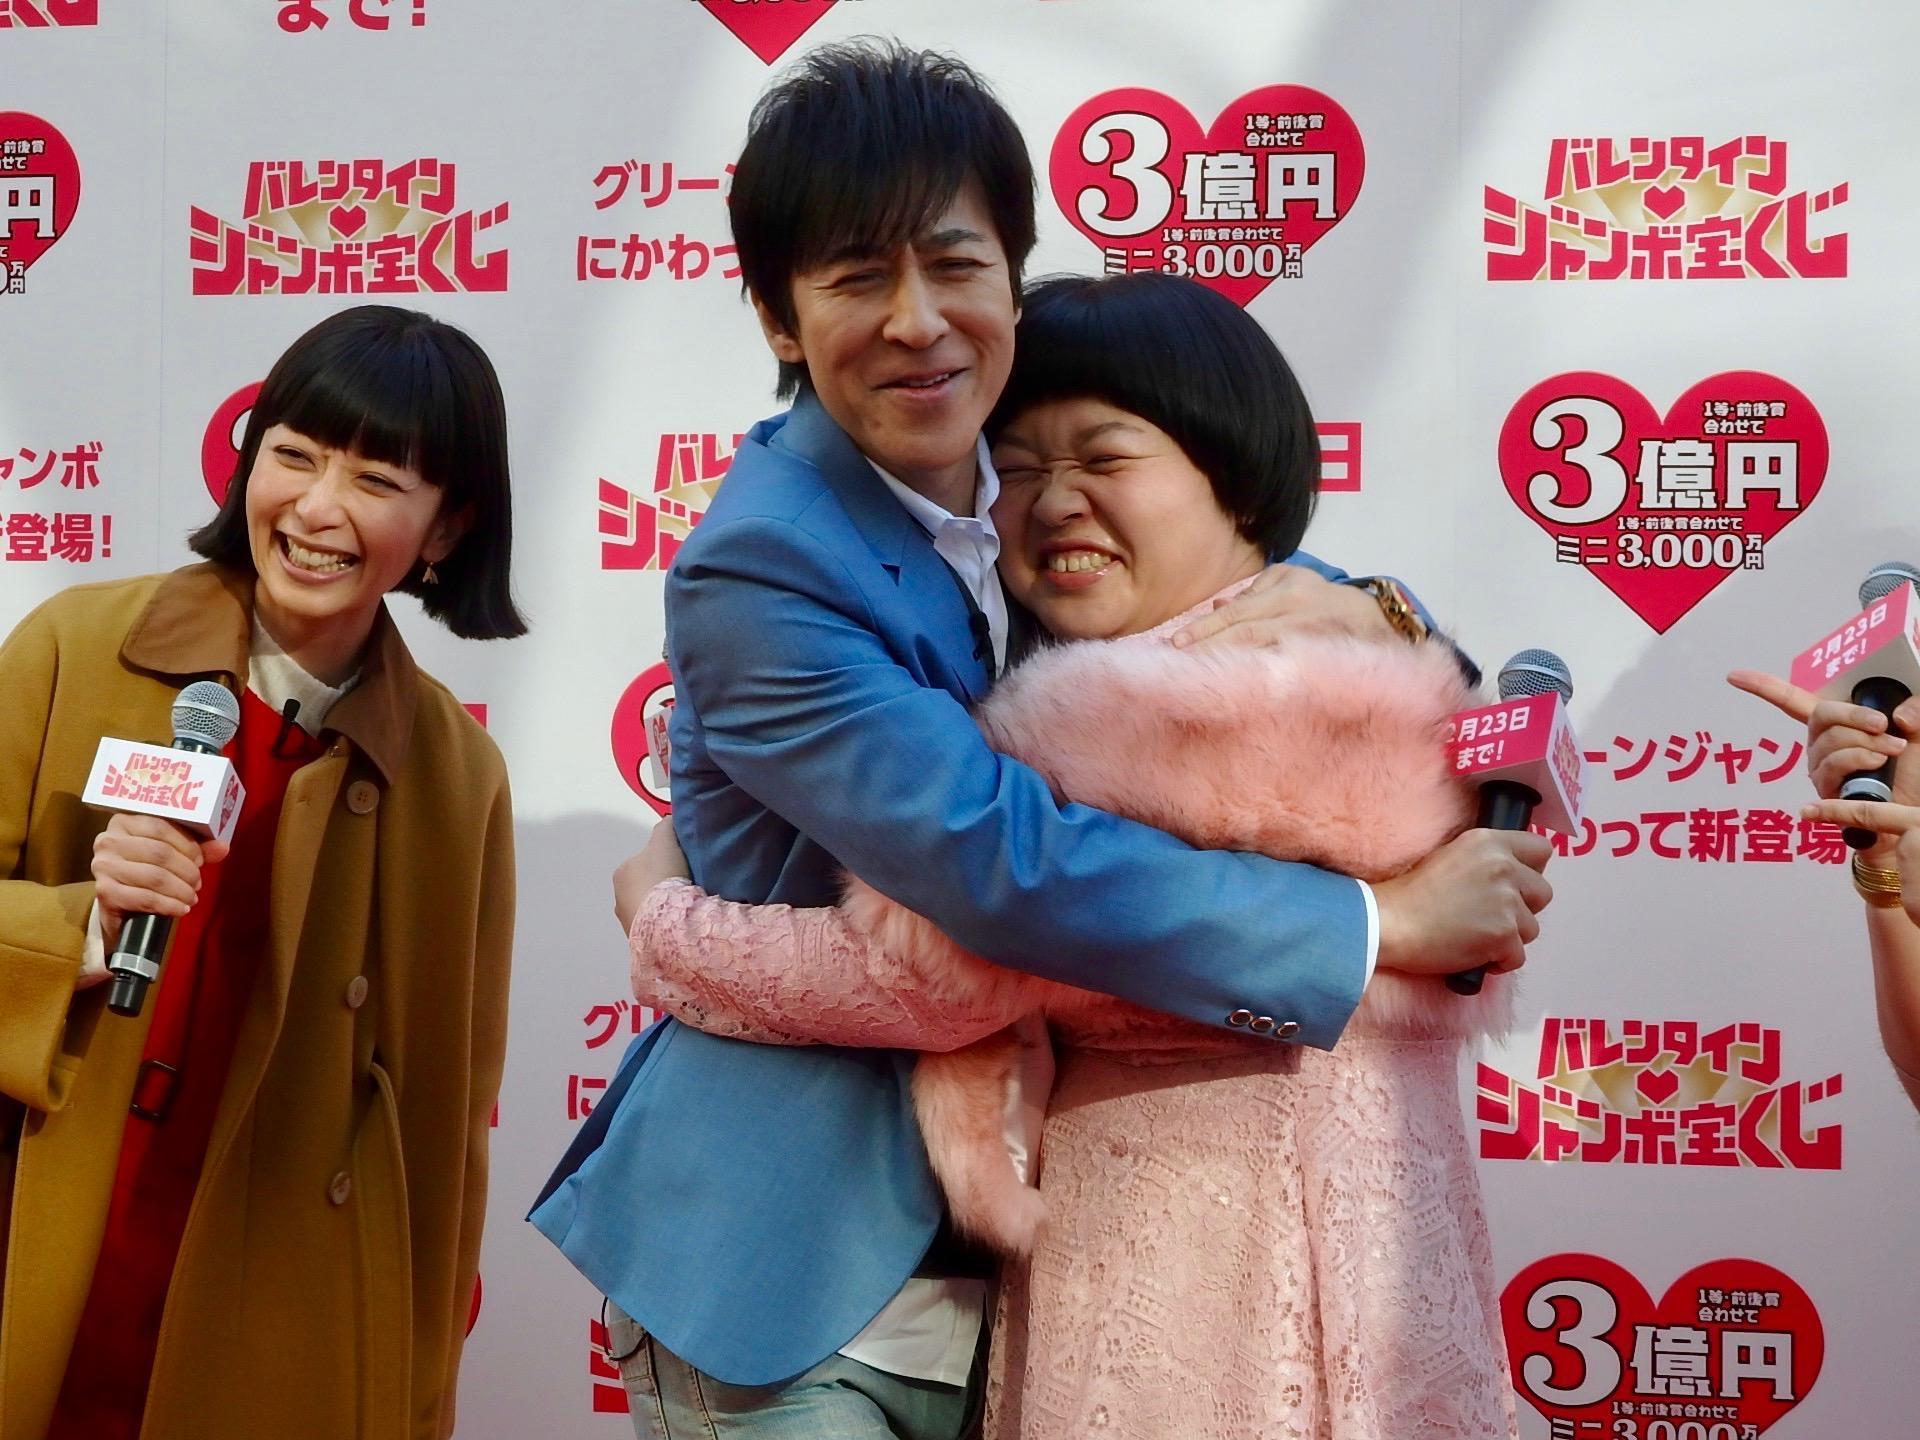 http://news.yoshimoto.co.jp/20180131180233-b7d8fa1d71c4a299961ce4e51b638b6d15e5088e.jpg